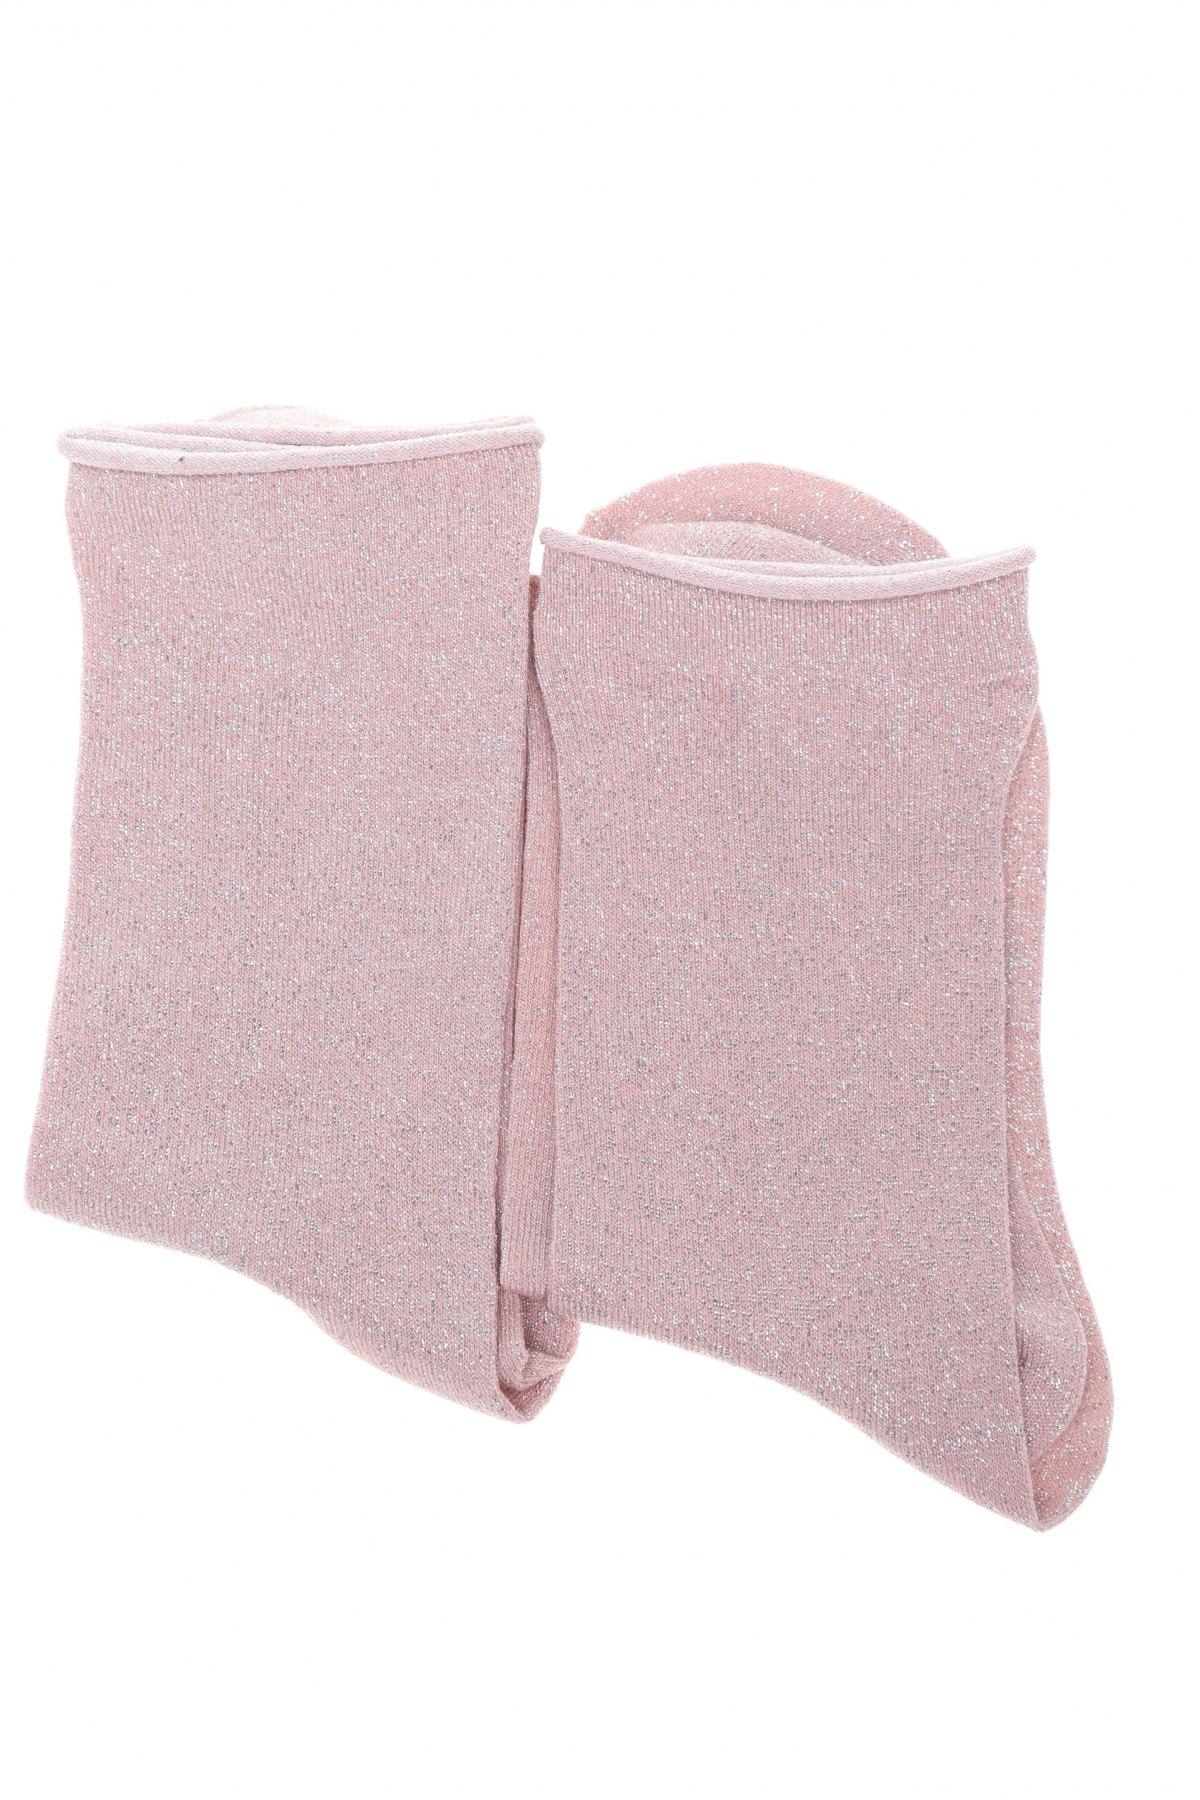 Σύνολο S.Oliver, Μέγεθος M, Χρώμα Ρόζ , Τιμή 8,51€